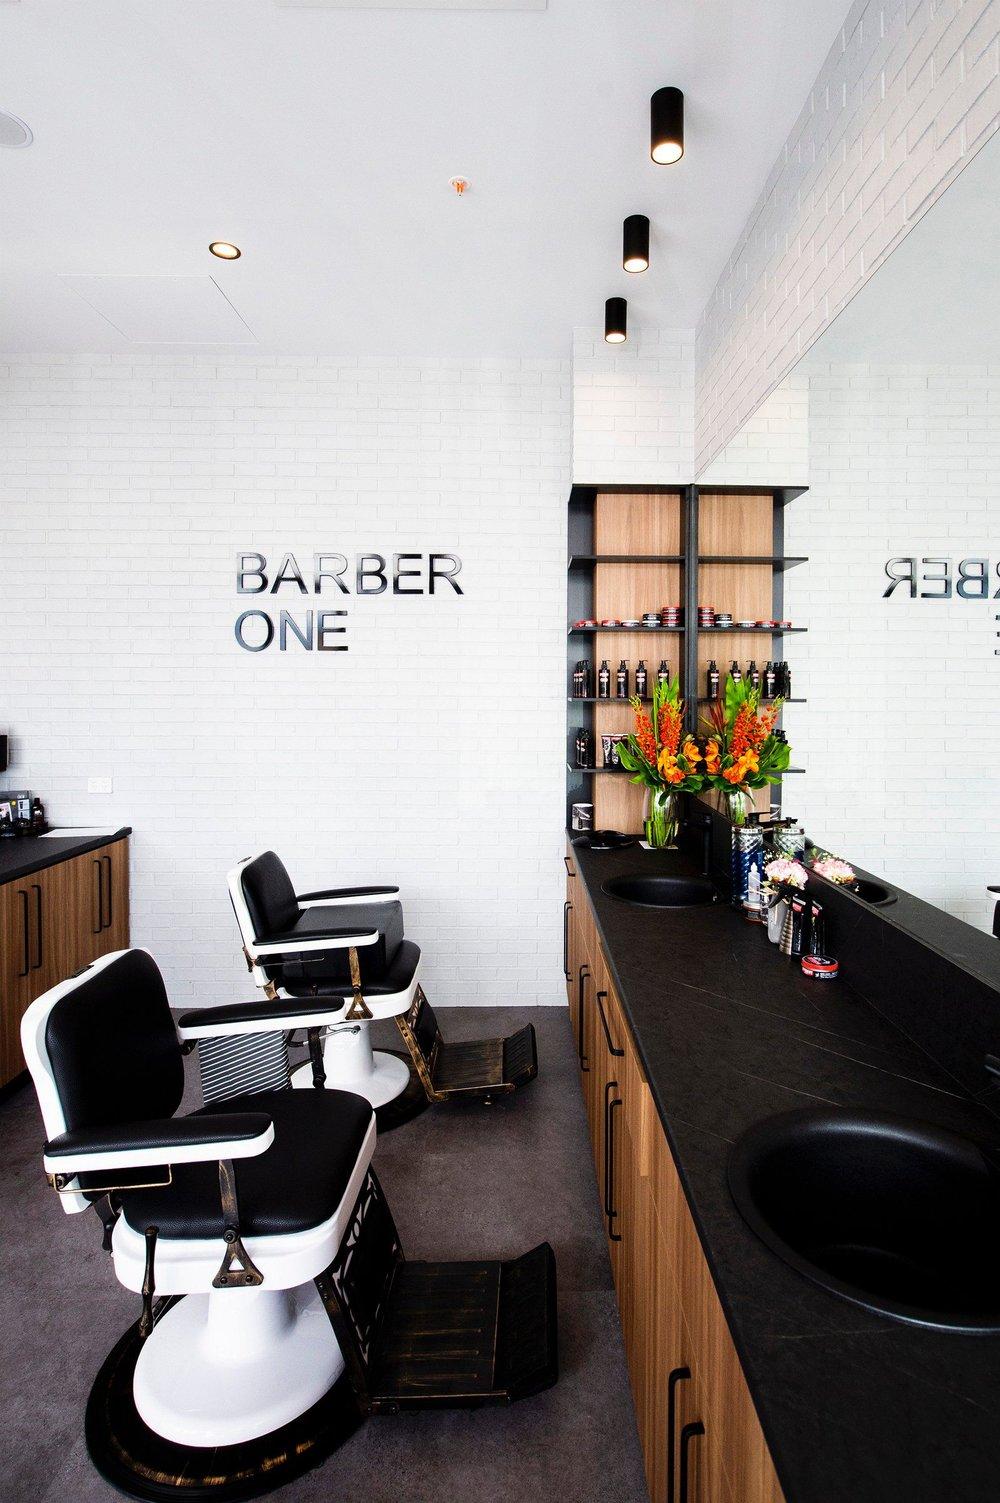 barber one 3.jpeg